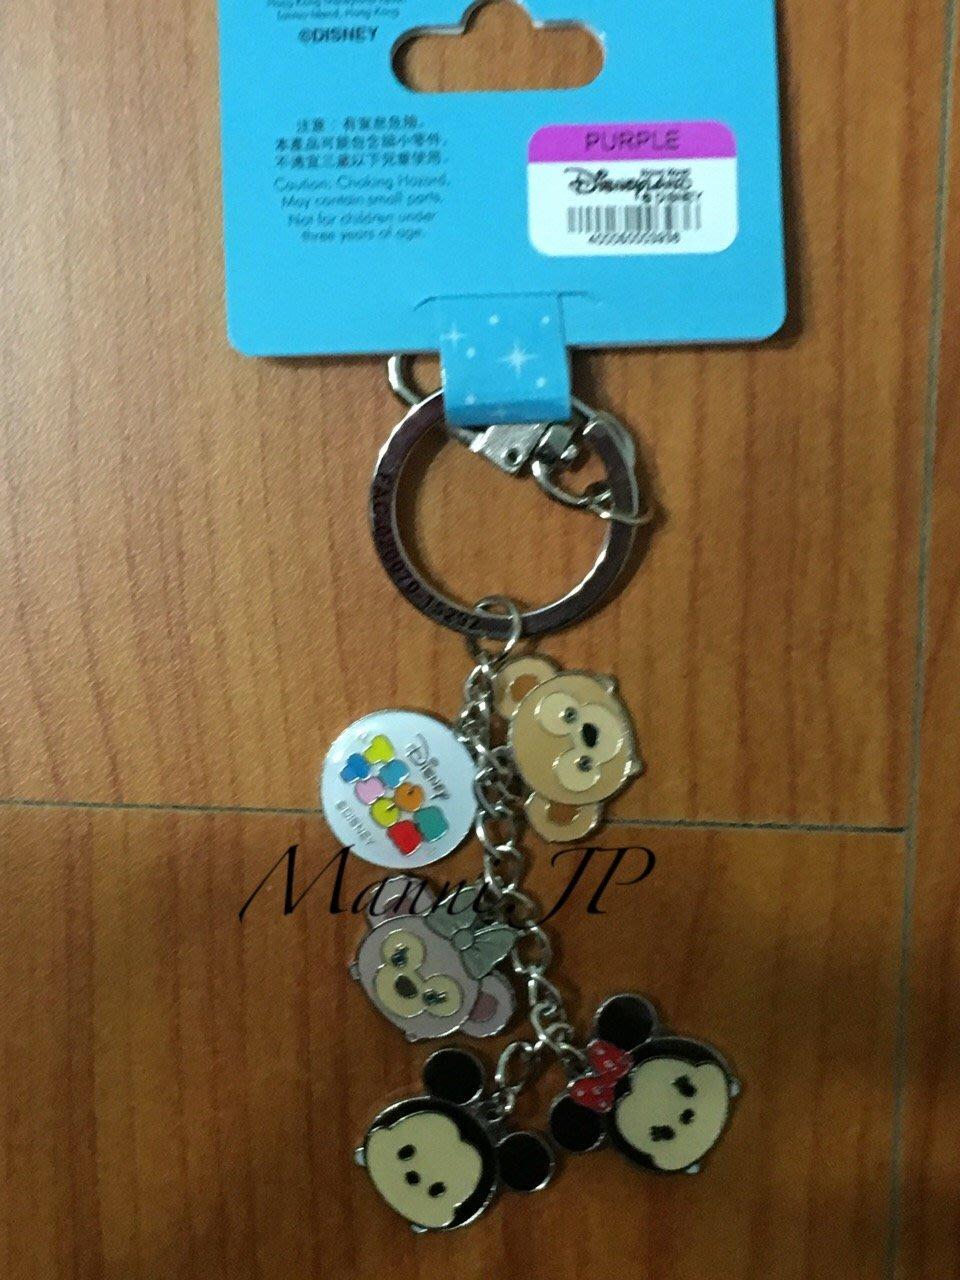 《香港迪士尼帶回》達菲Duffy  雪莉梅 Shelliemay TSUM TSUM鑰匙圈 吊飾